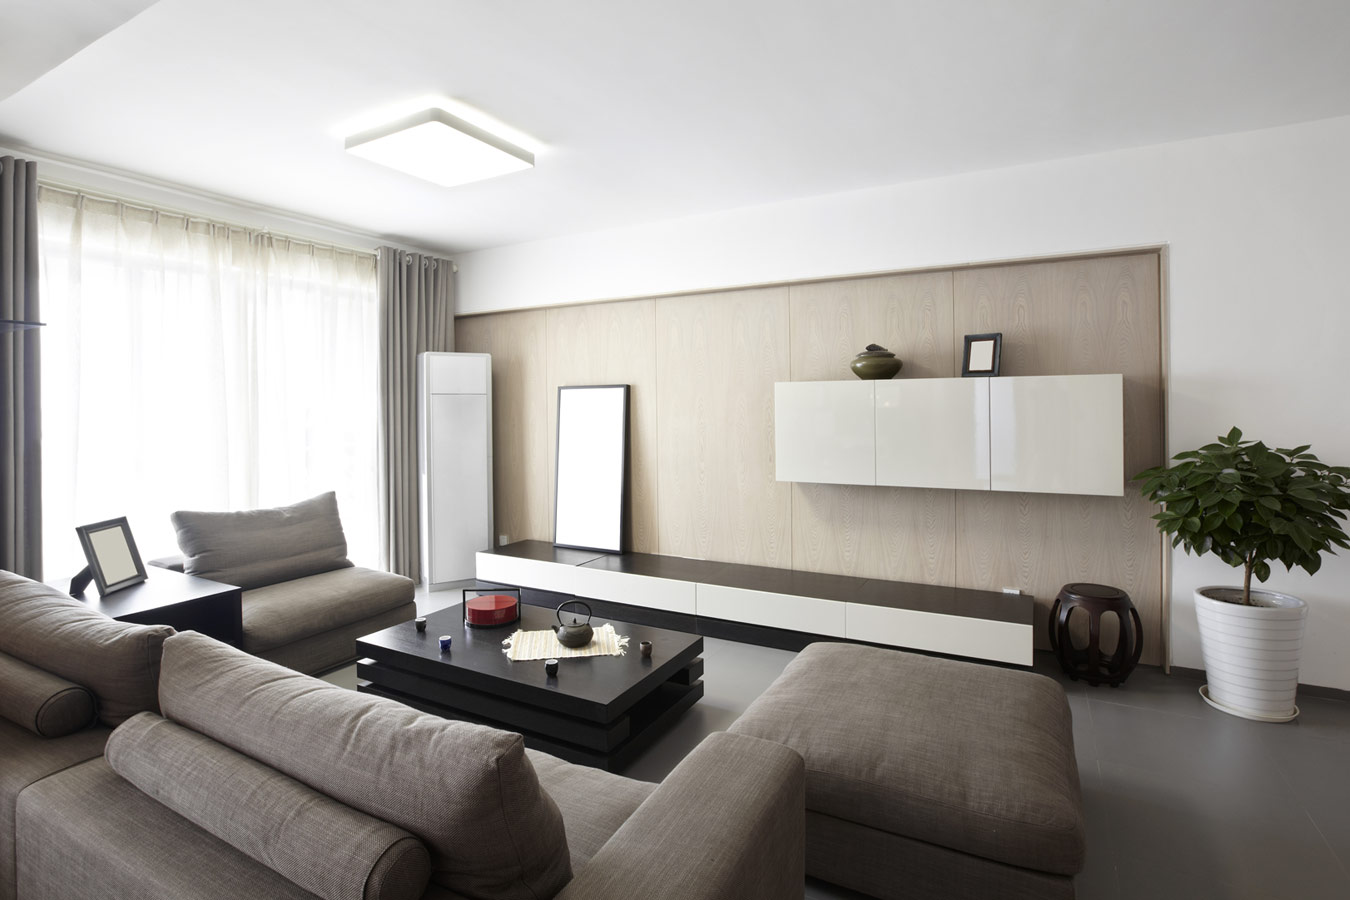 De complete woonkamer opnieuw inrichten drie tips voor de beste inrichting hetknussehuisje - Moderne eetkamer en woonkamer ...